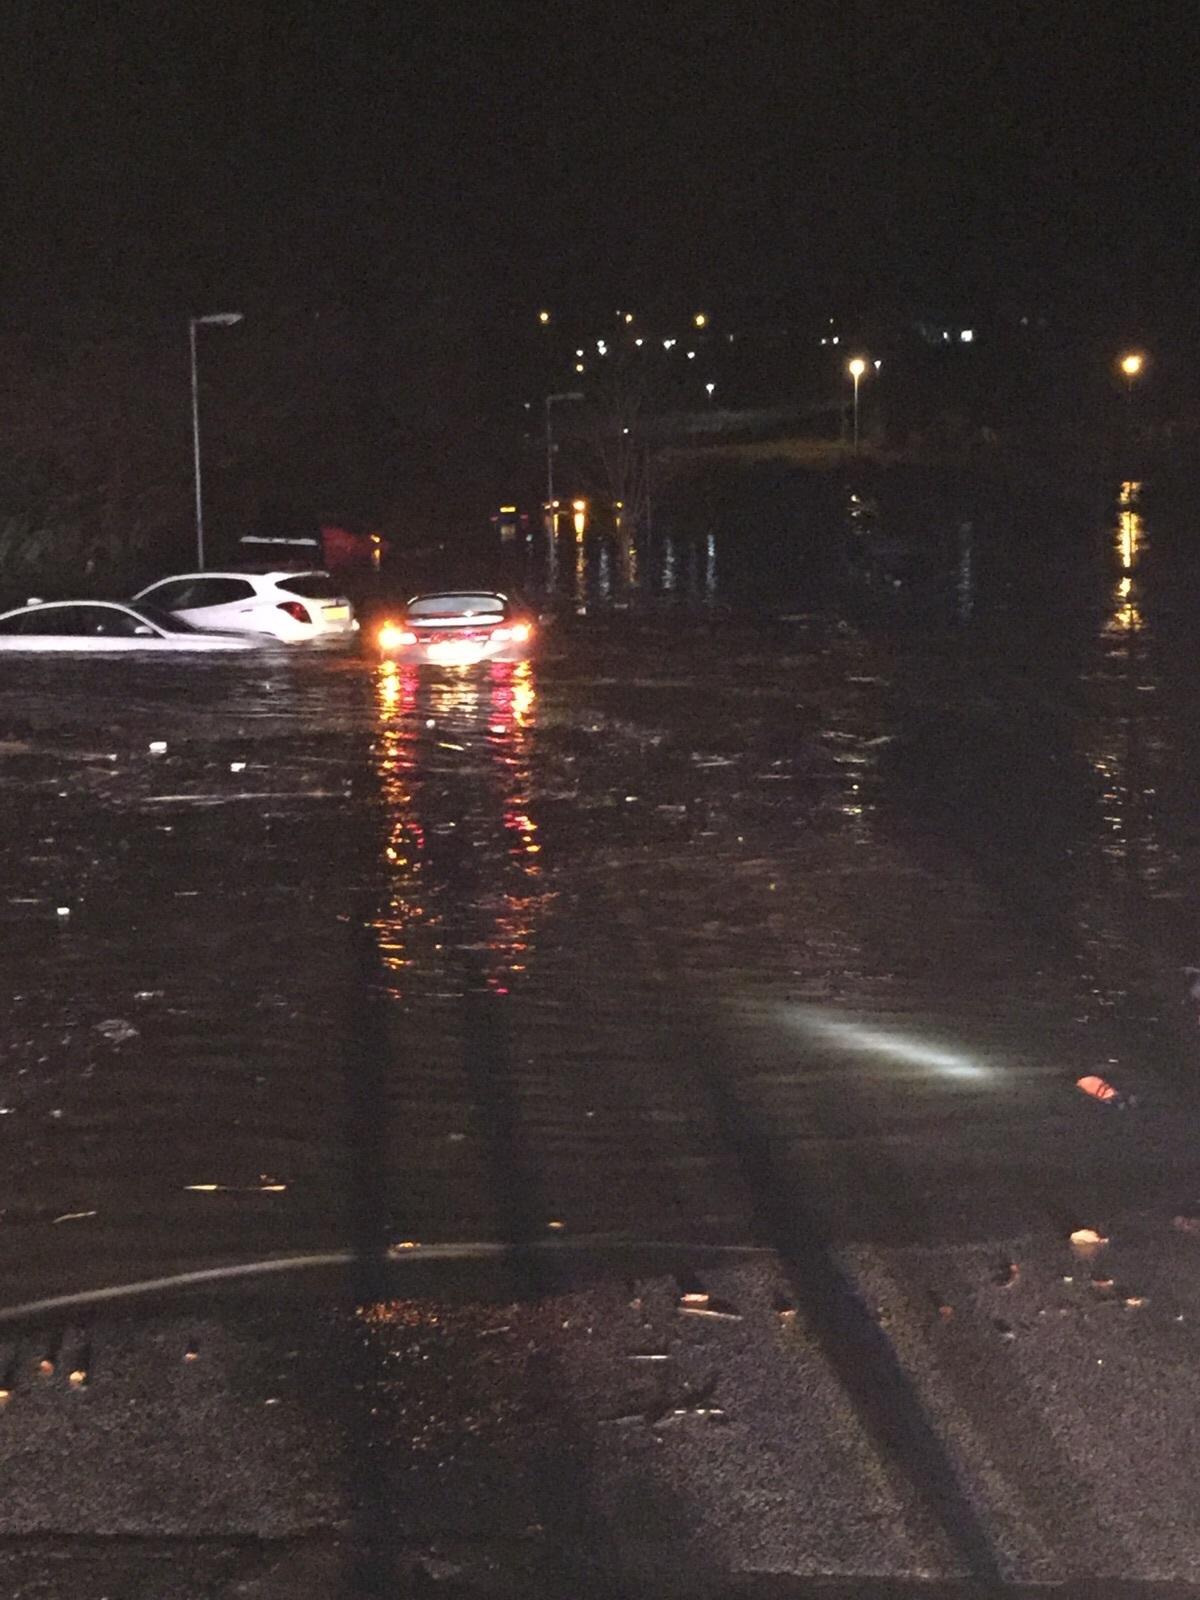 The David Lloyd gym on Garthdee Road has now flooded